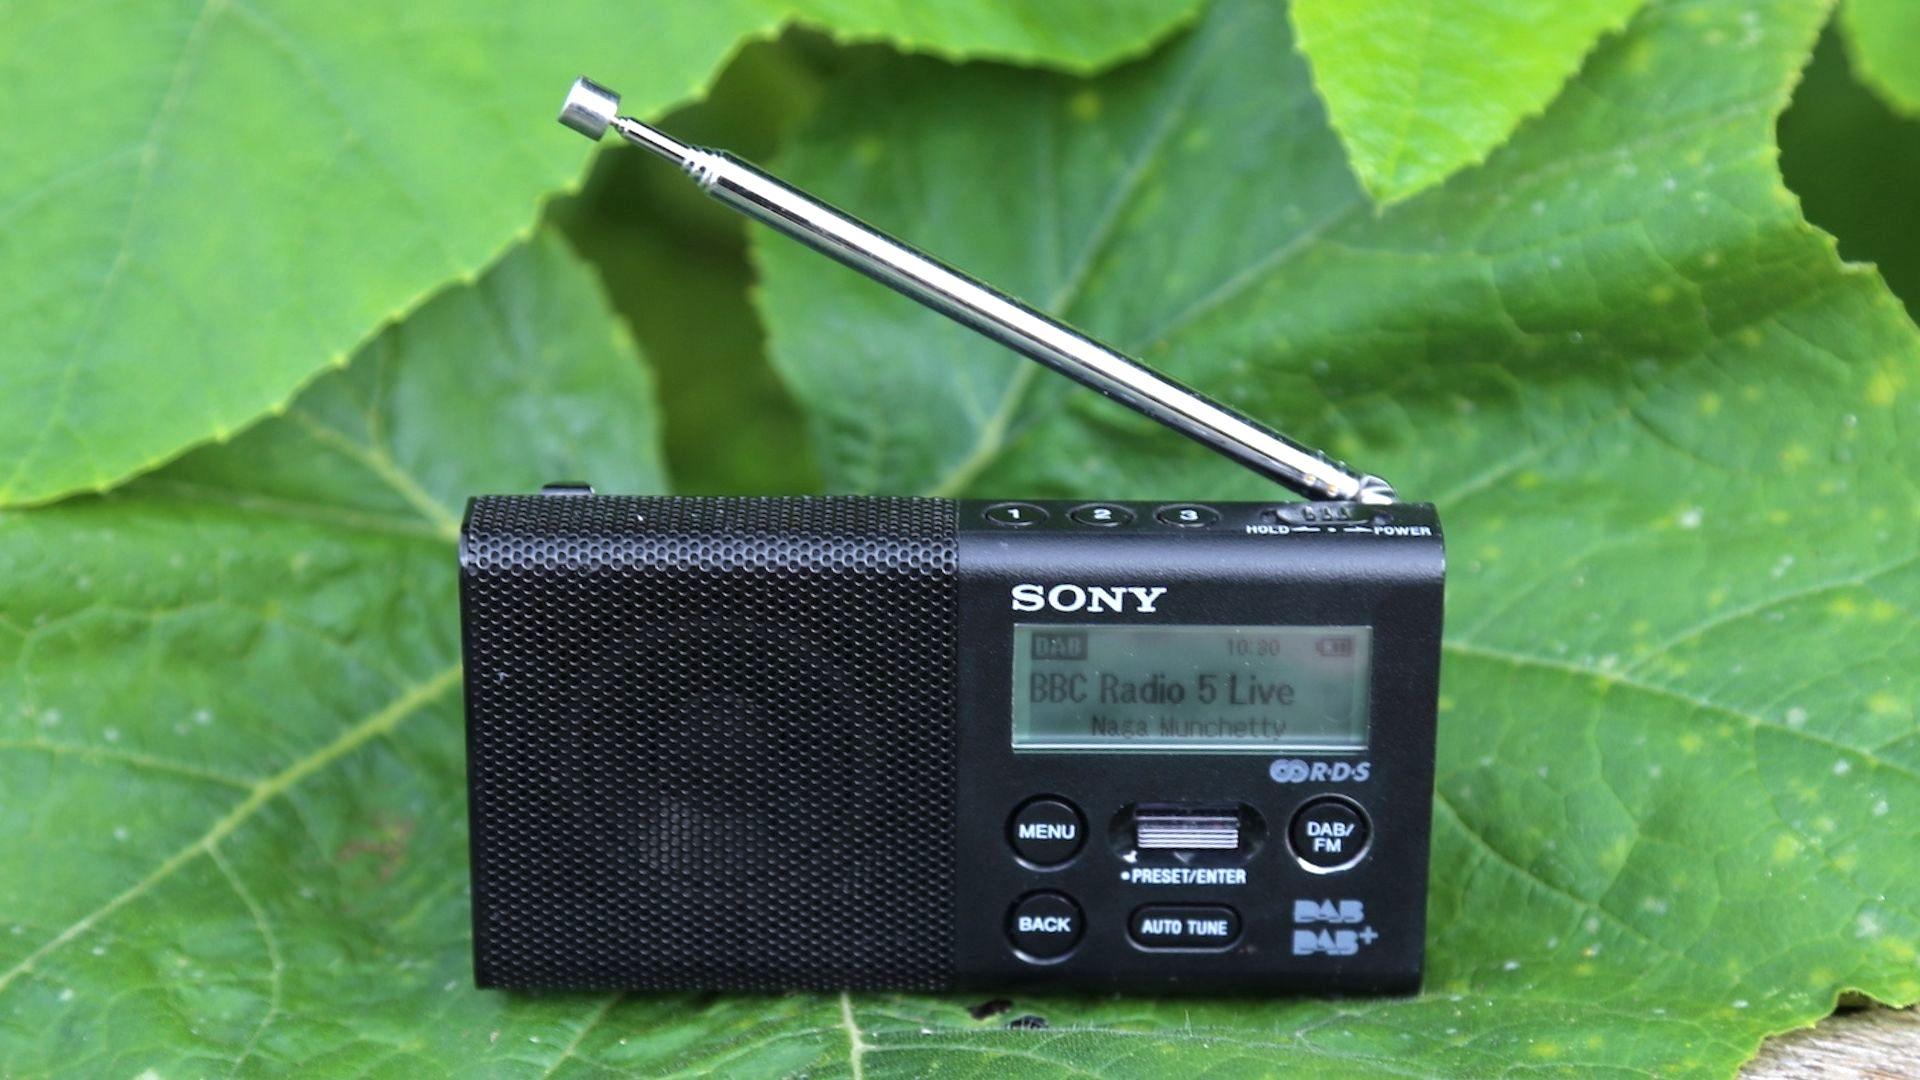 the sony xdr-p1 dab radio sat on a giant leaf